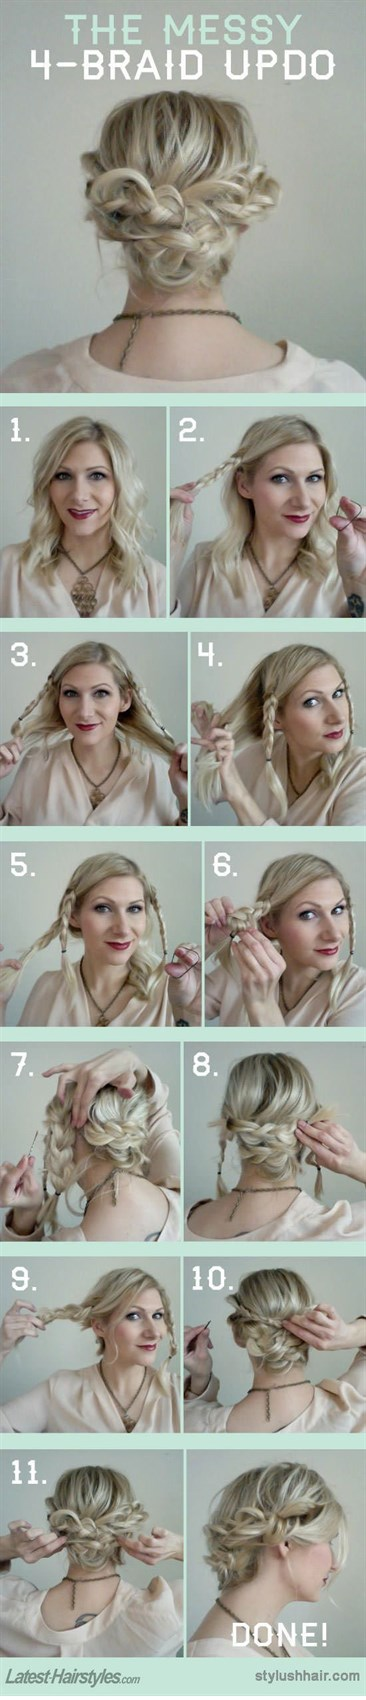 15 легких причесок на каждый день с пошаговыми фото-инструкциями